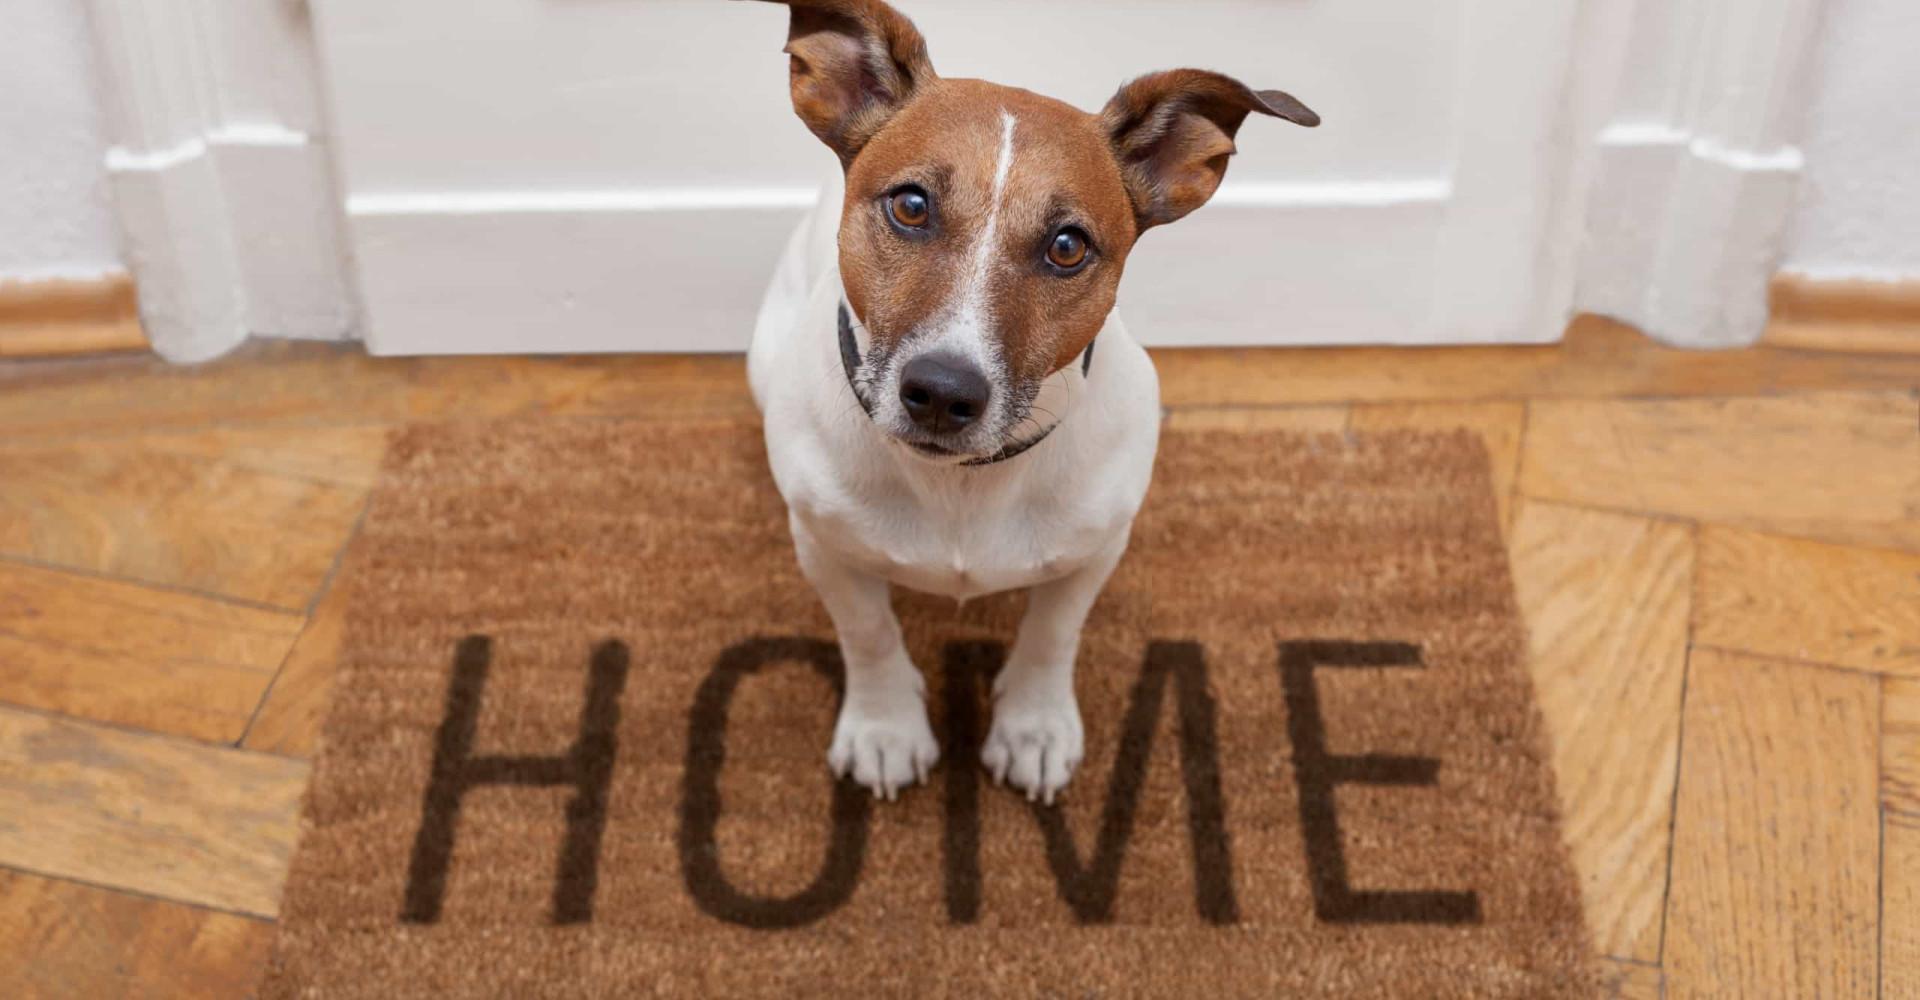 Protégez votre maison de vos animaux domestiques